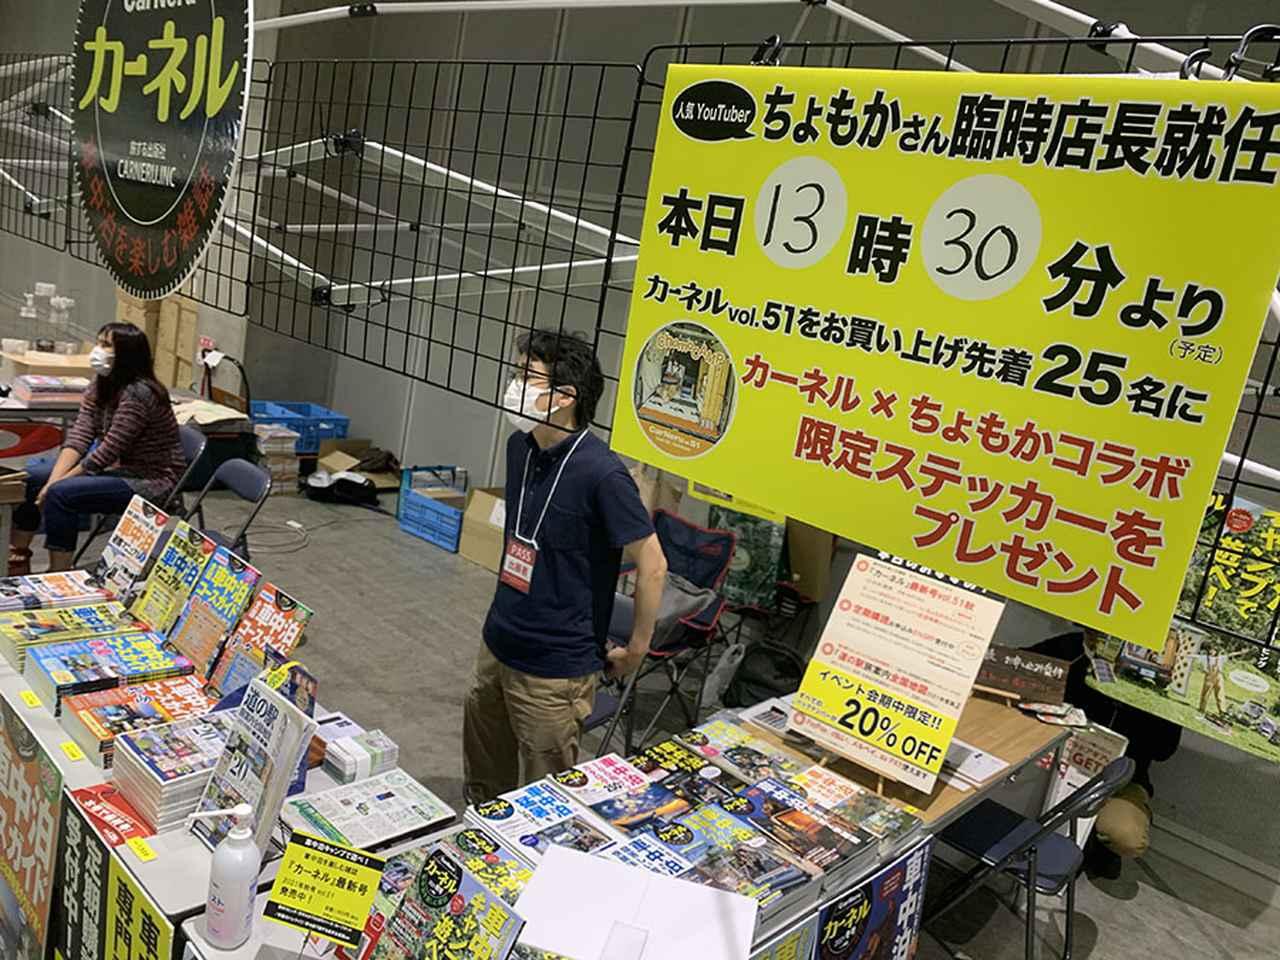 画像: 写真は先日行われた横浜キャンピングカーショー2021のカーネルブース。